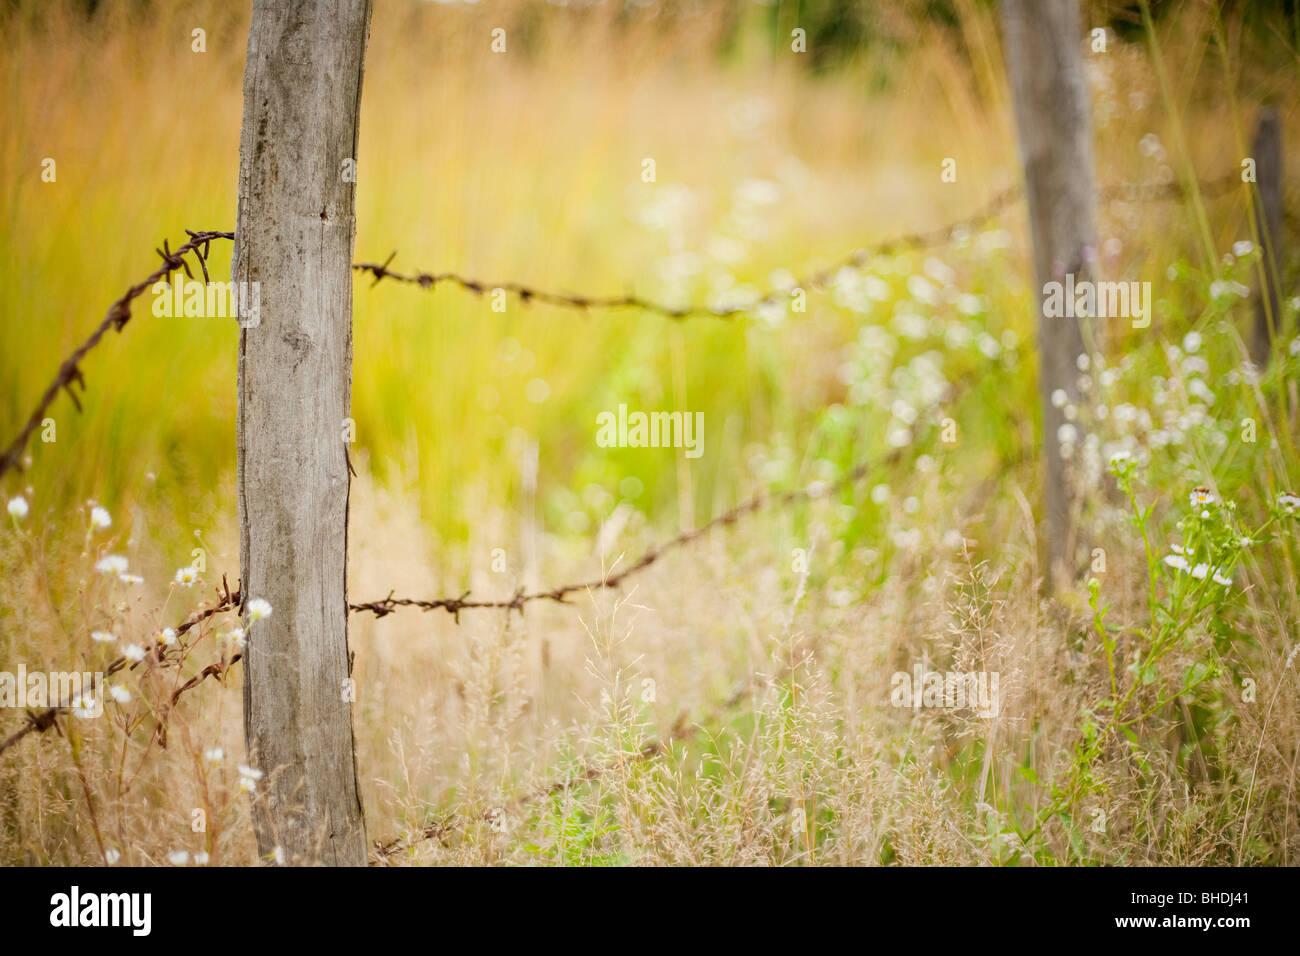 Zaun aus Polen mit Stacheldraht Stockbild